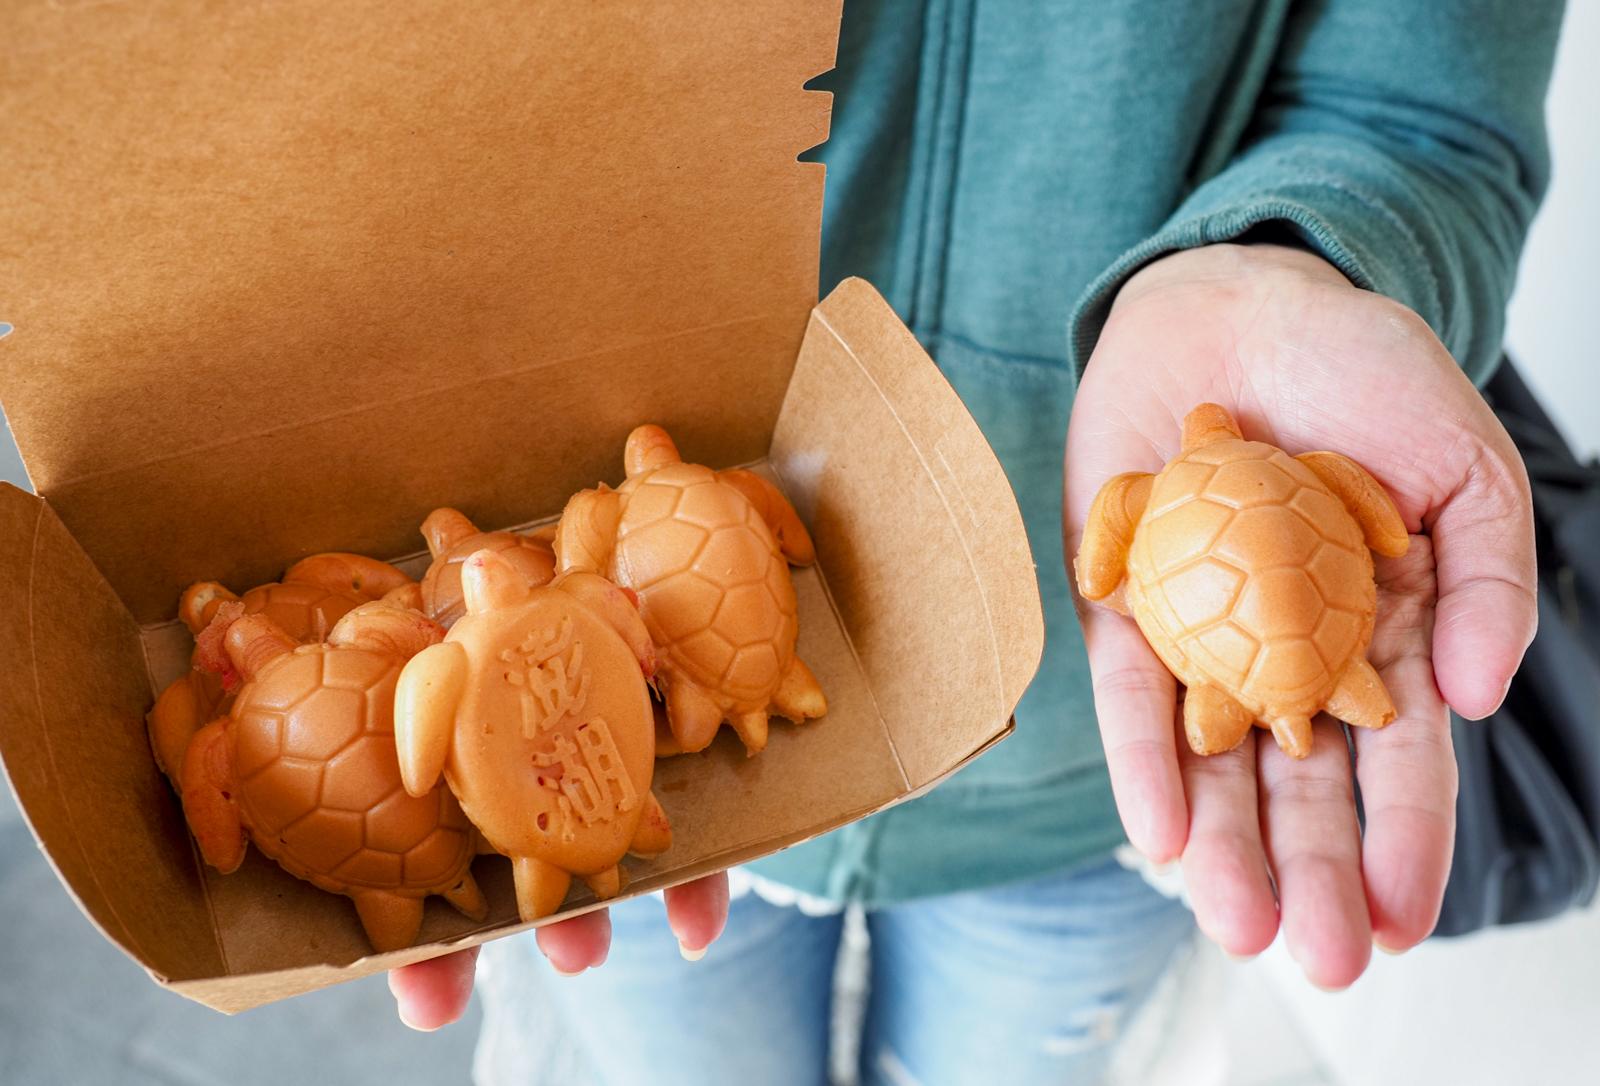 【澎湖馬公美食】澎湖龜鮮奶雞蛋糕 太萌太可愛!竟然還有澎湖特有仙人掌卡士達口味